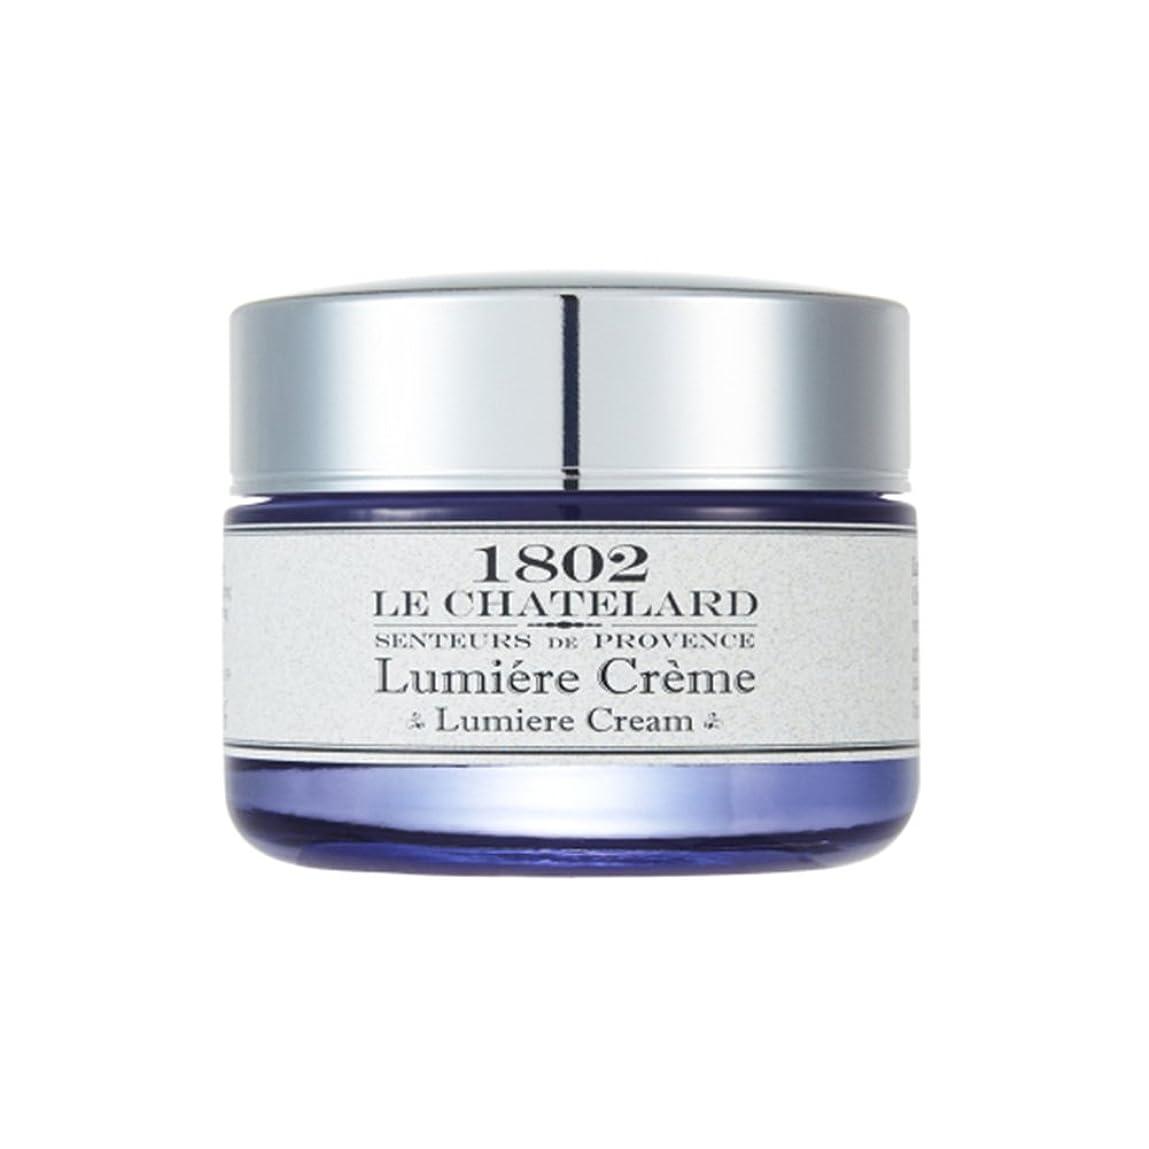 不快な赤字添加剤LE CHATELARD 1802 Lumiere Cream 50ml 838692693 (海外直配送)